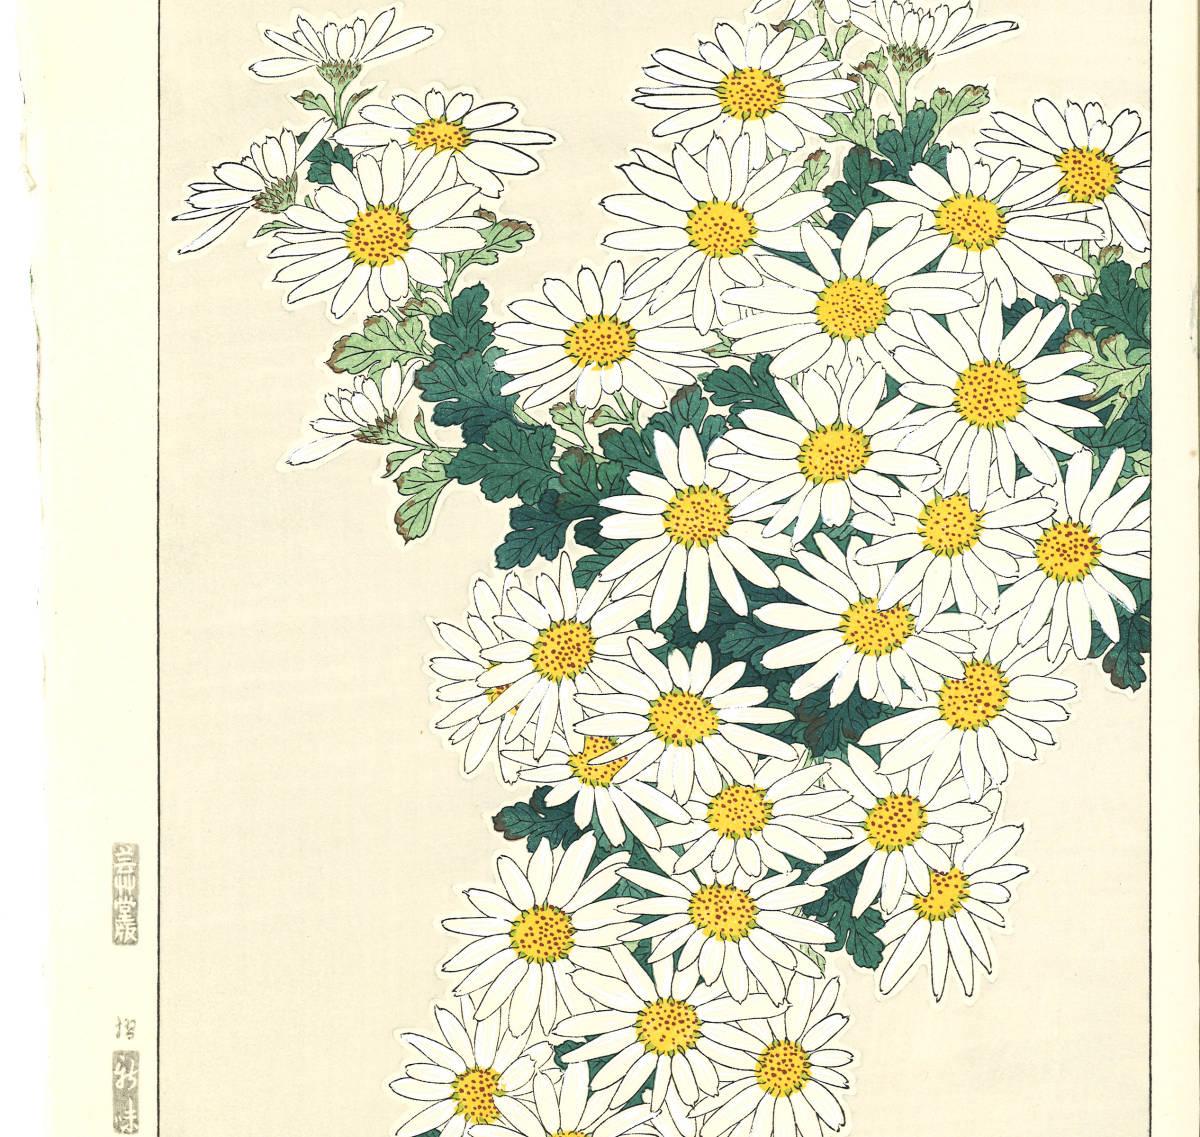 河原崎奨堂 (Kawarazaki Shodo) (1899~1973)木版画 F037 菊 花版画(Chrysanthemum)初版昭和初期~京都の一流の摺師の技をご堪能下さい。_画像4